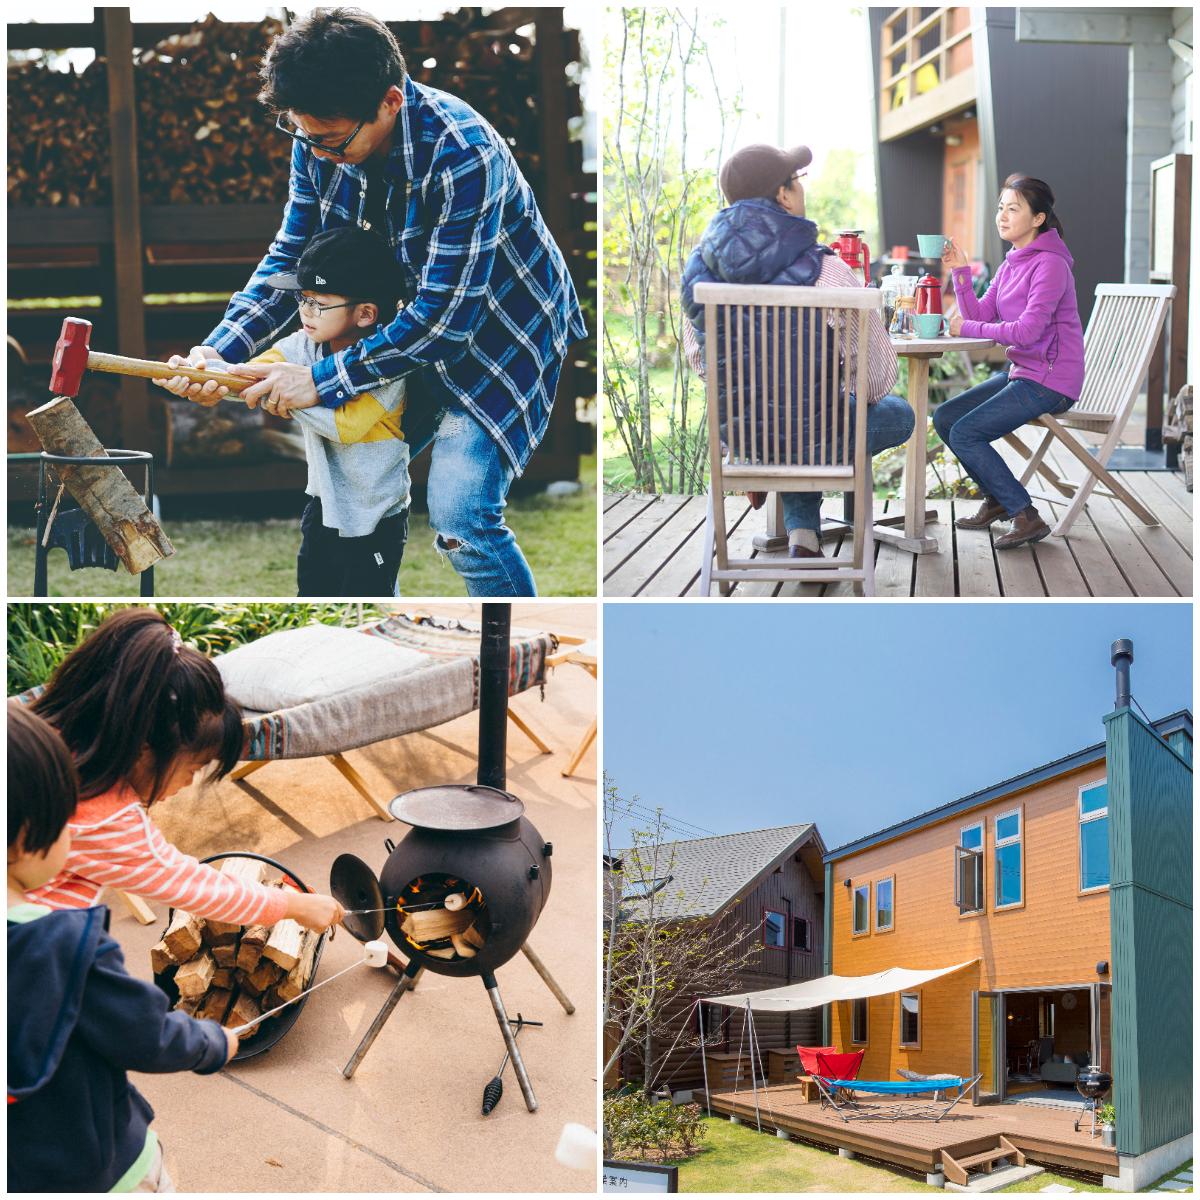 LOGWAY BESS金沢 家族で1棟貸し切って、薪割りやDIYを楽しもう!